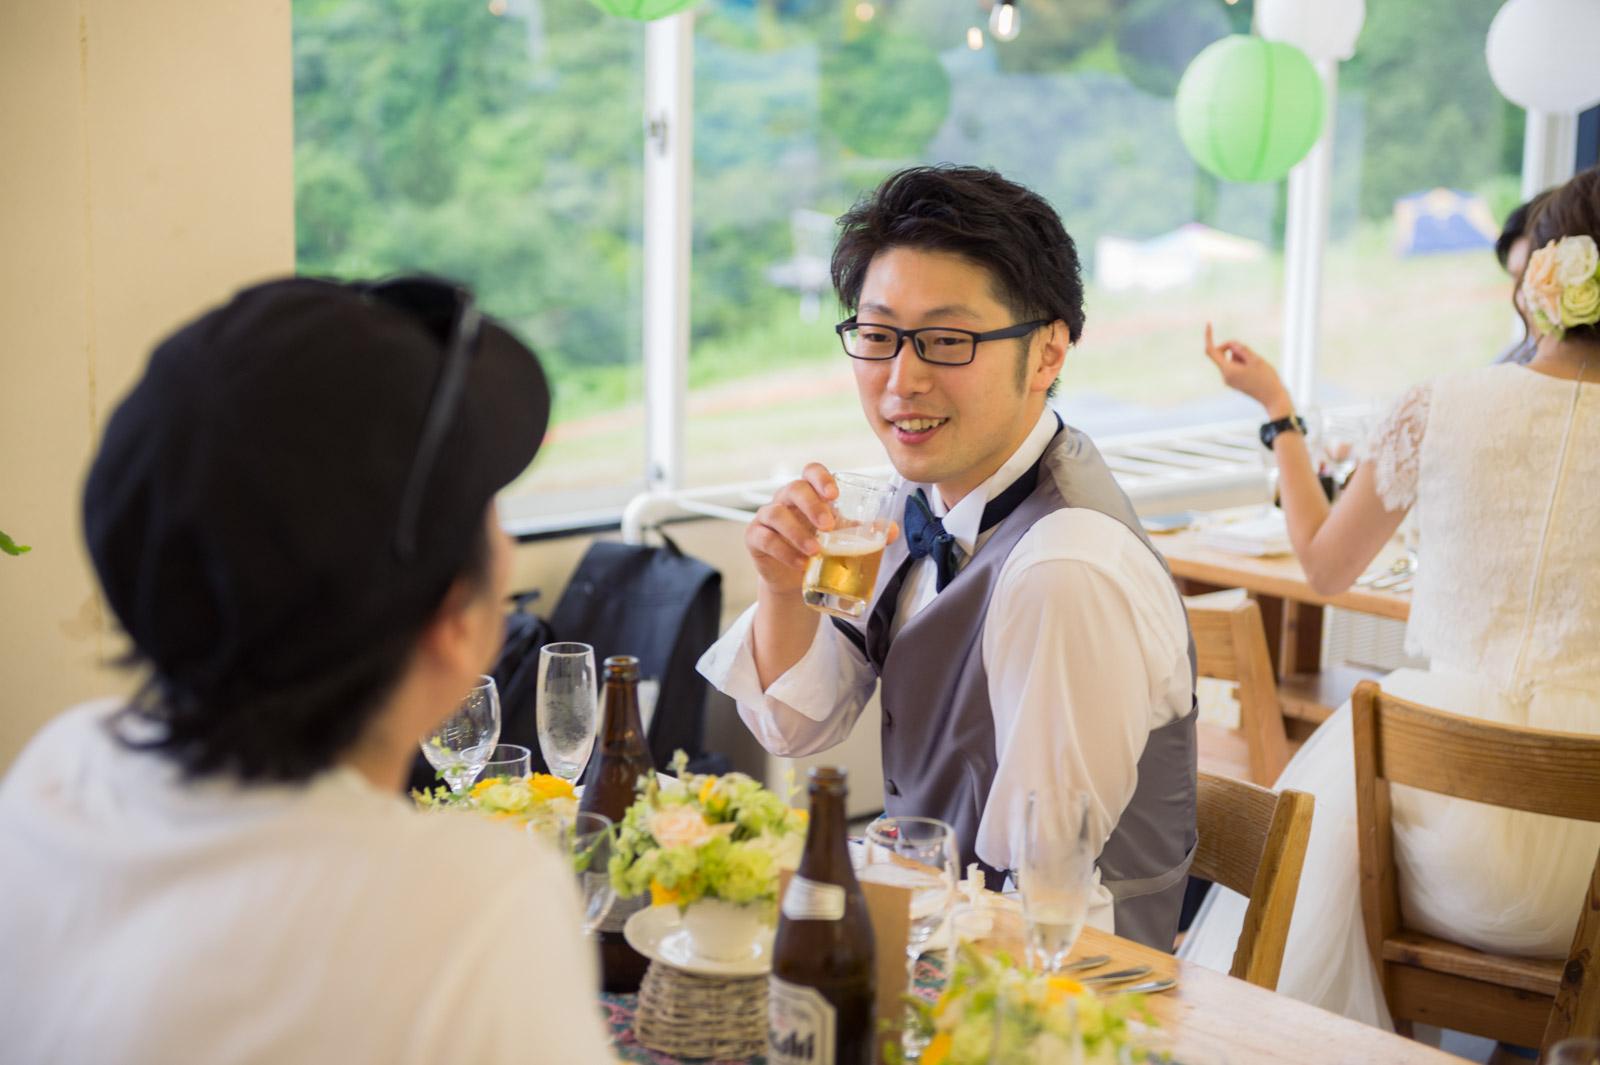 ゲストも新郎新婦も席を移動しながら気ままに過ごします